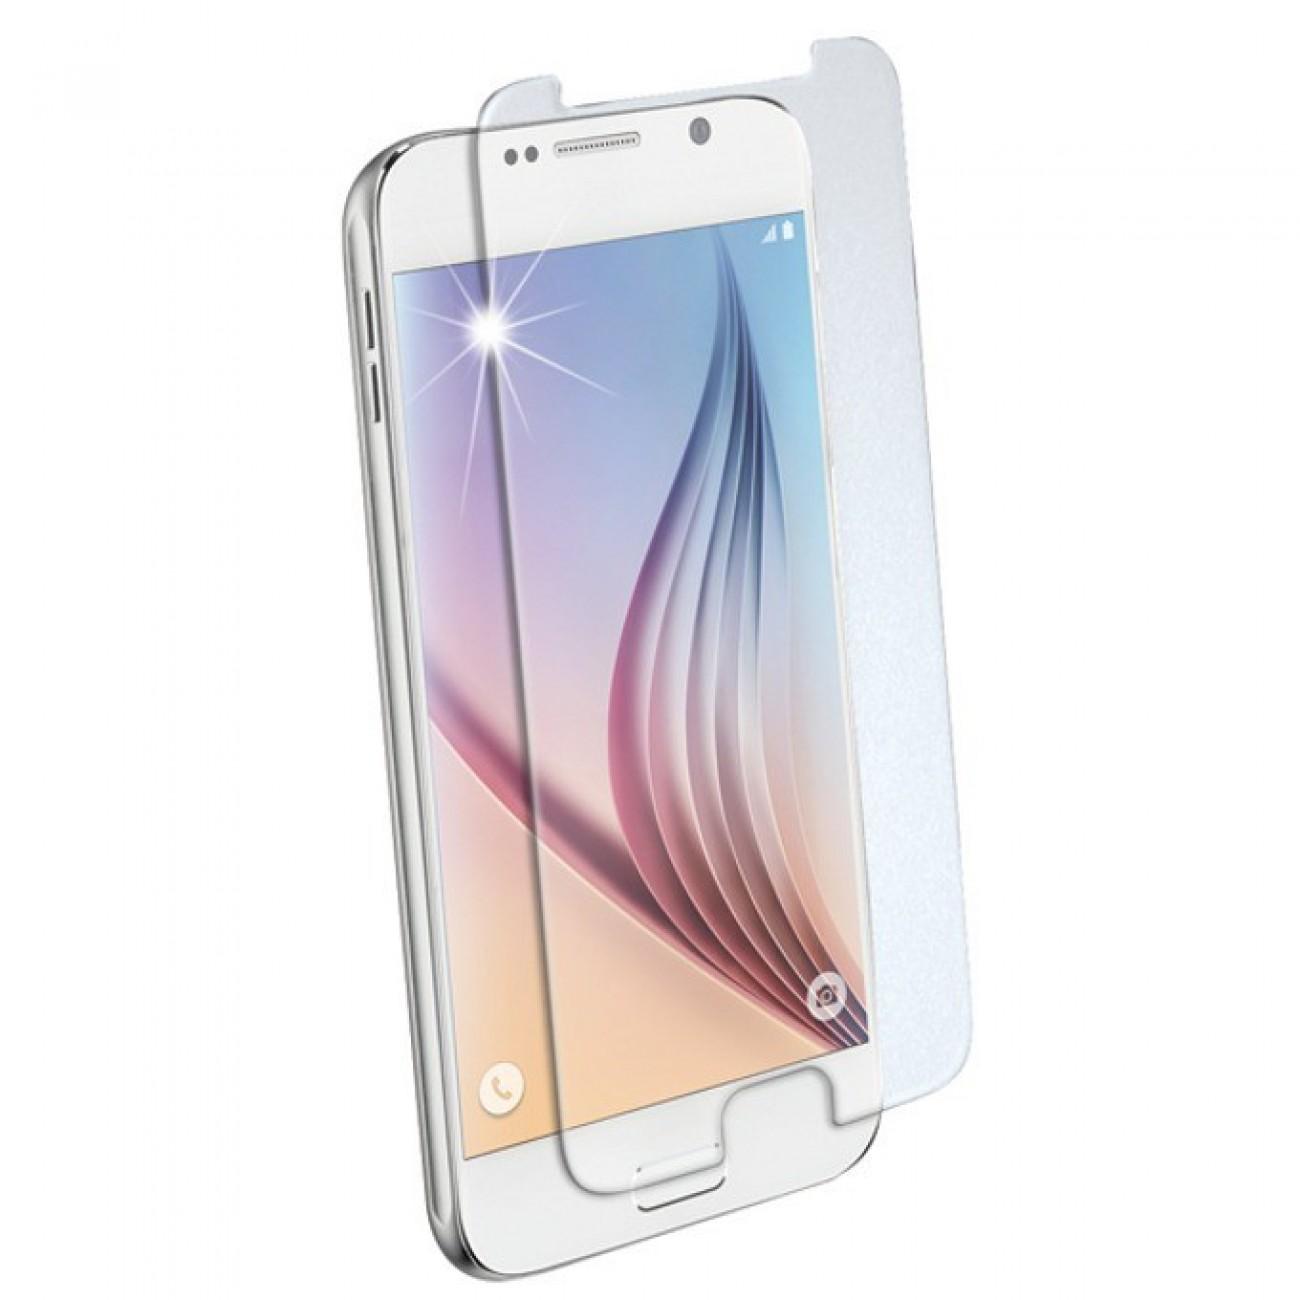 Протектор от закалено стъкло /Tempered Glass/ Vivanco 36287 за Samsung Galaxy S6 в Защитно фолио -    Alleop